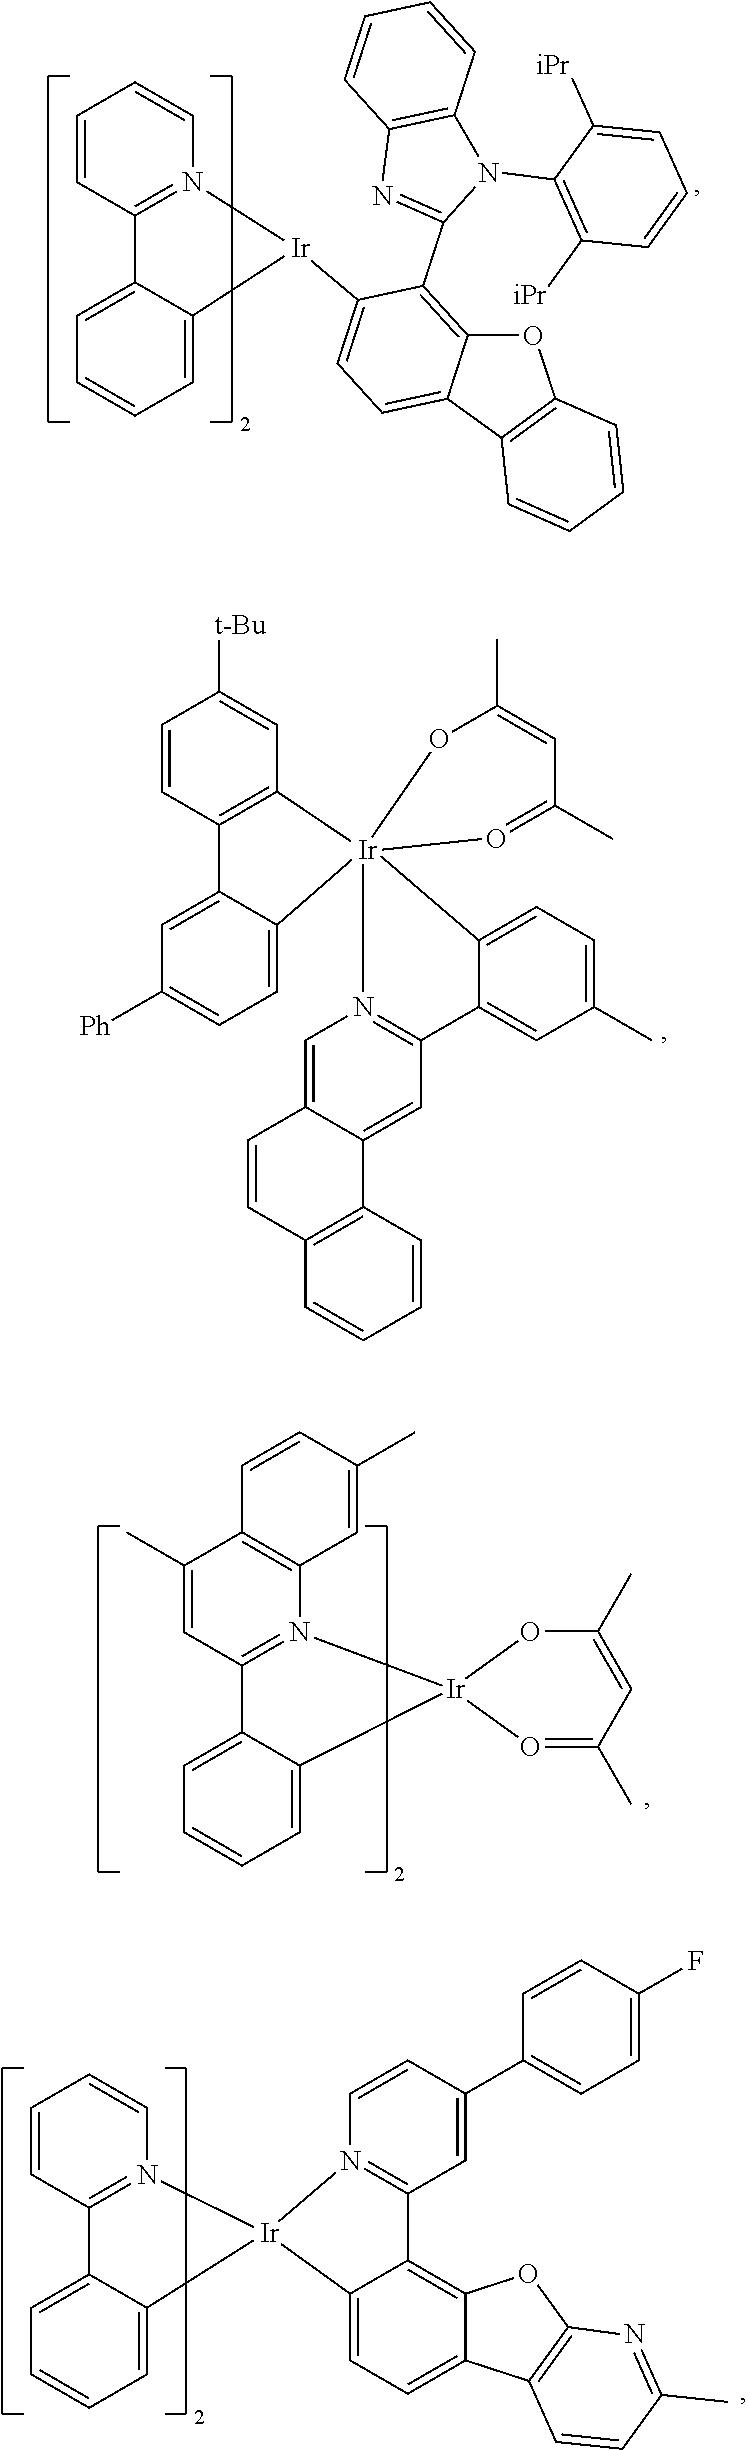 Figure US20190161504A1-20190530-C00069